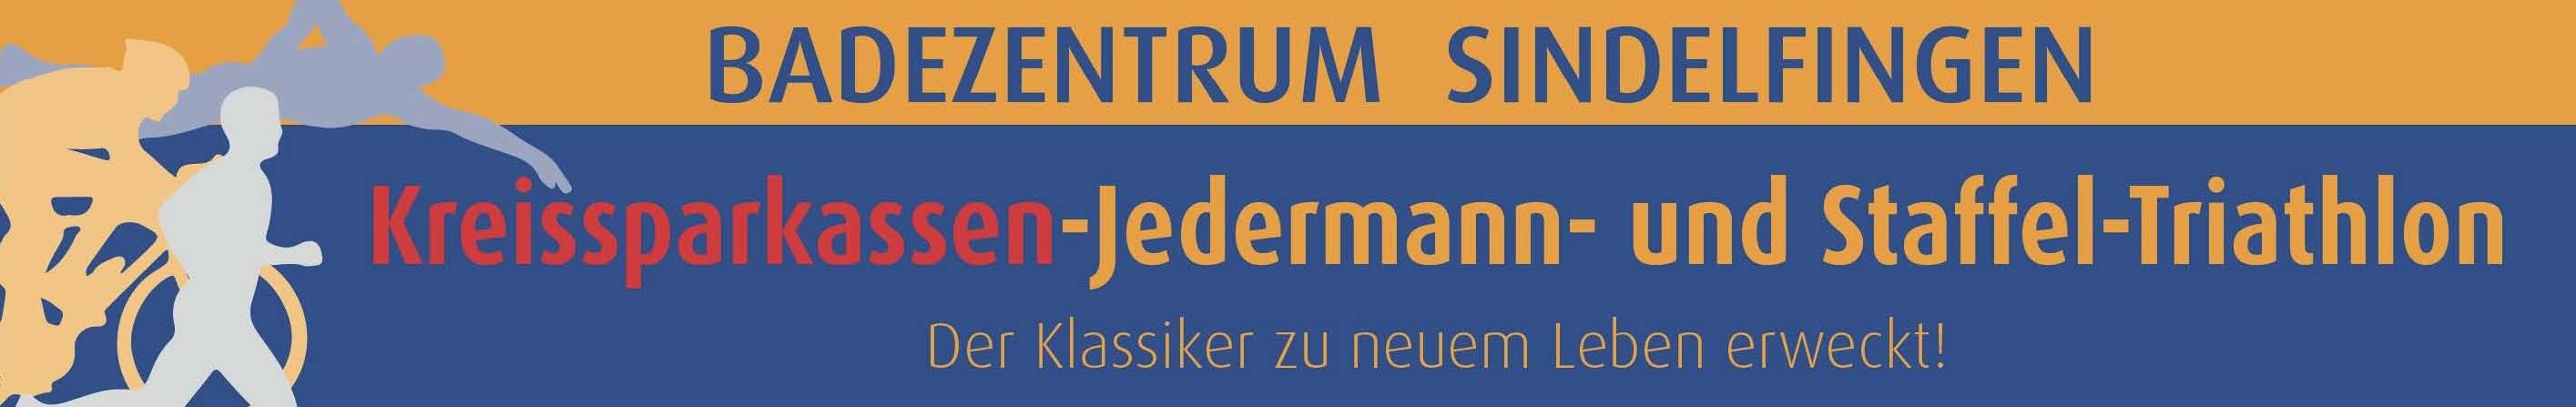 Kreissparkassen Jedermann- und Staffel-Triathlon Sindelfingen